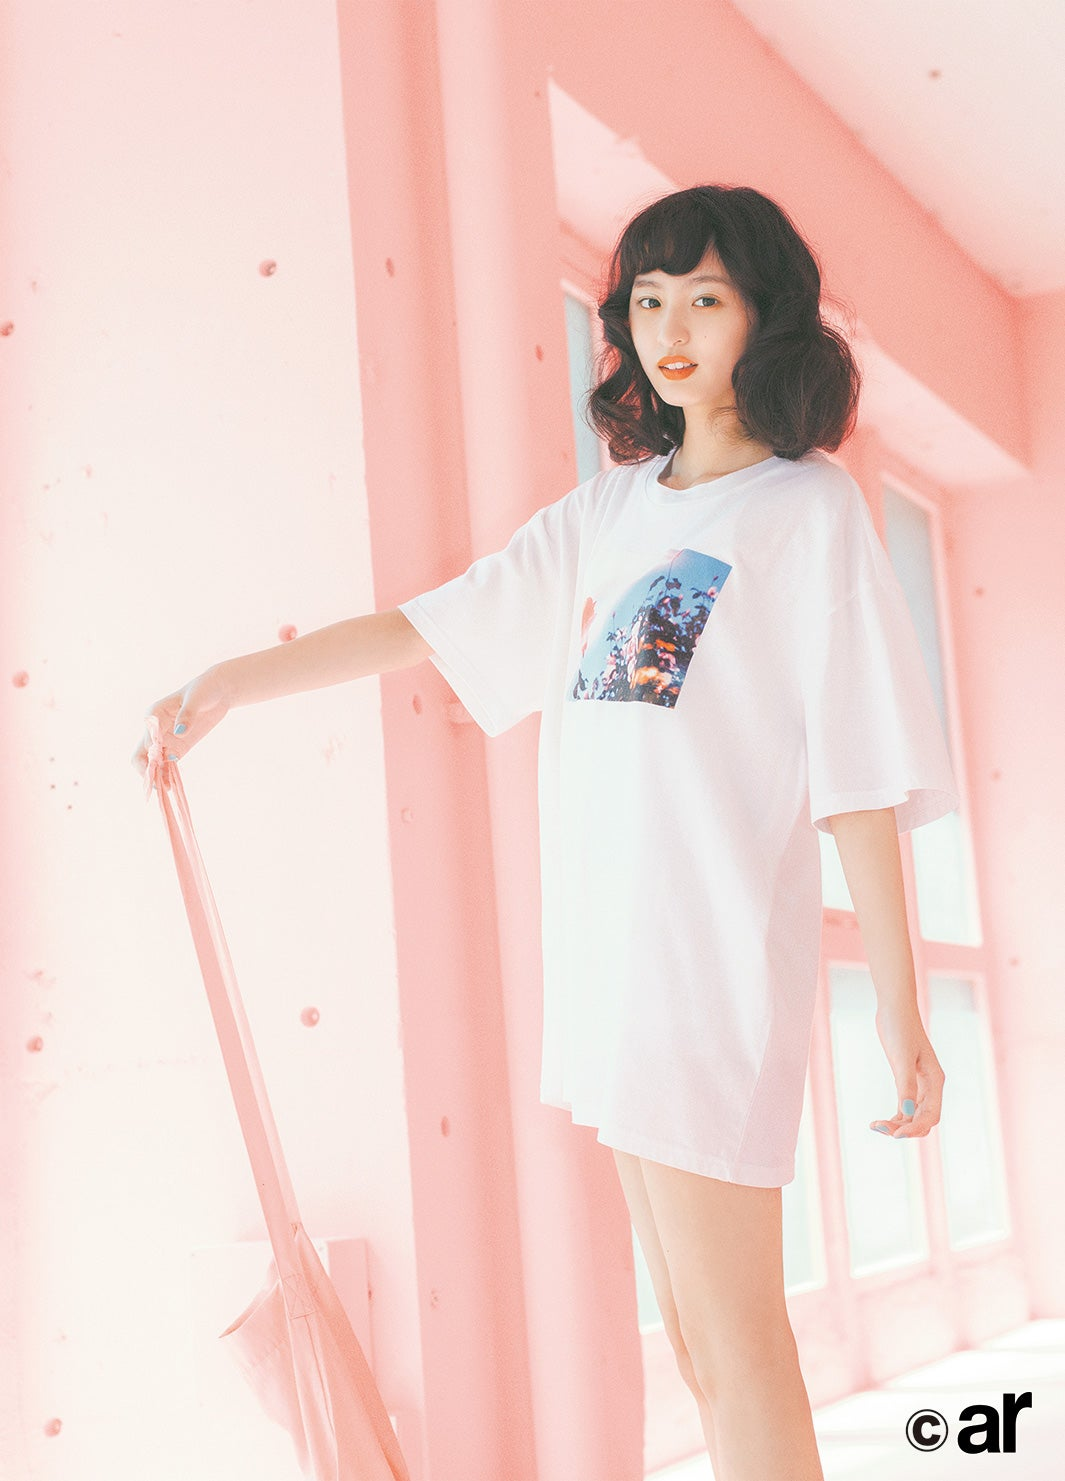 乃木坂46遠藤さくら「ar」初登場 ほっそり美脚にドキッ , モデル